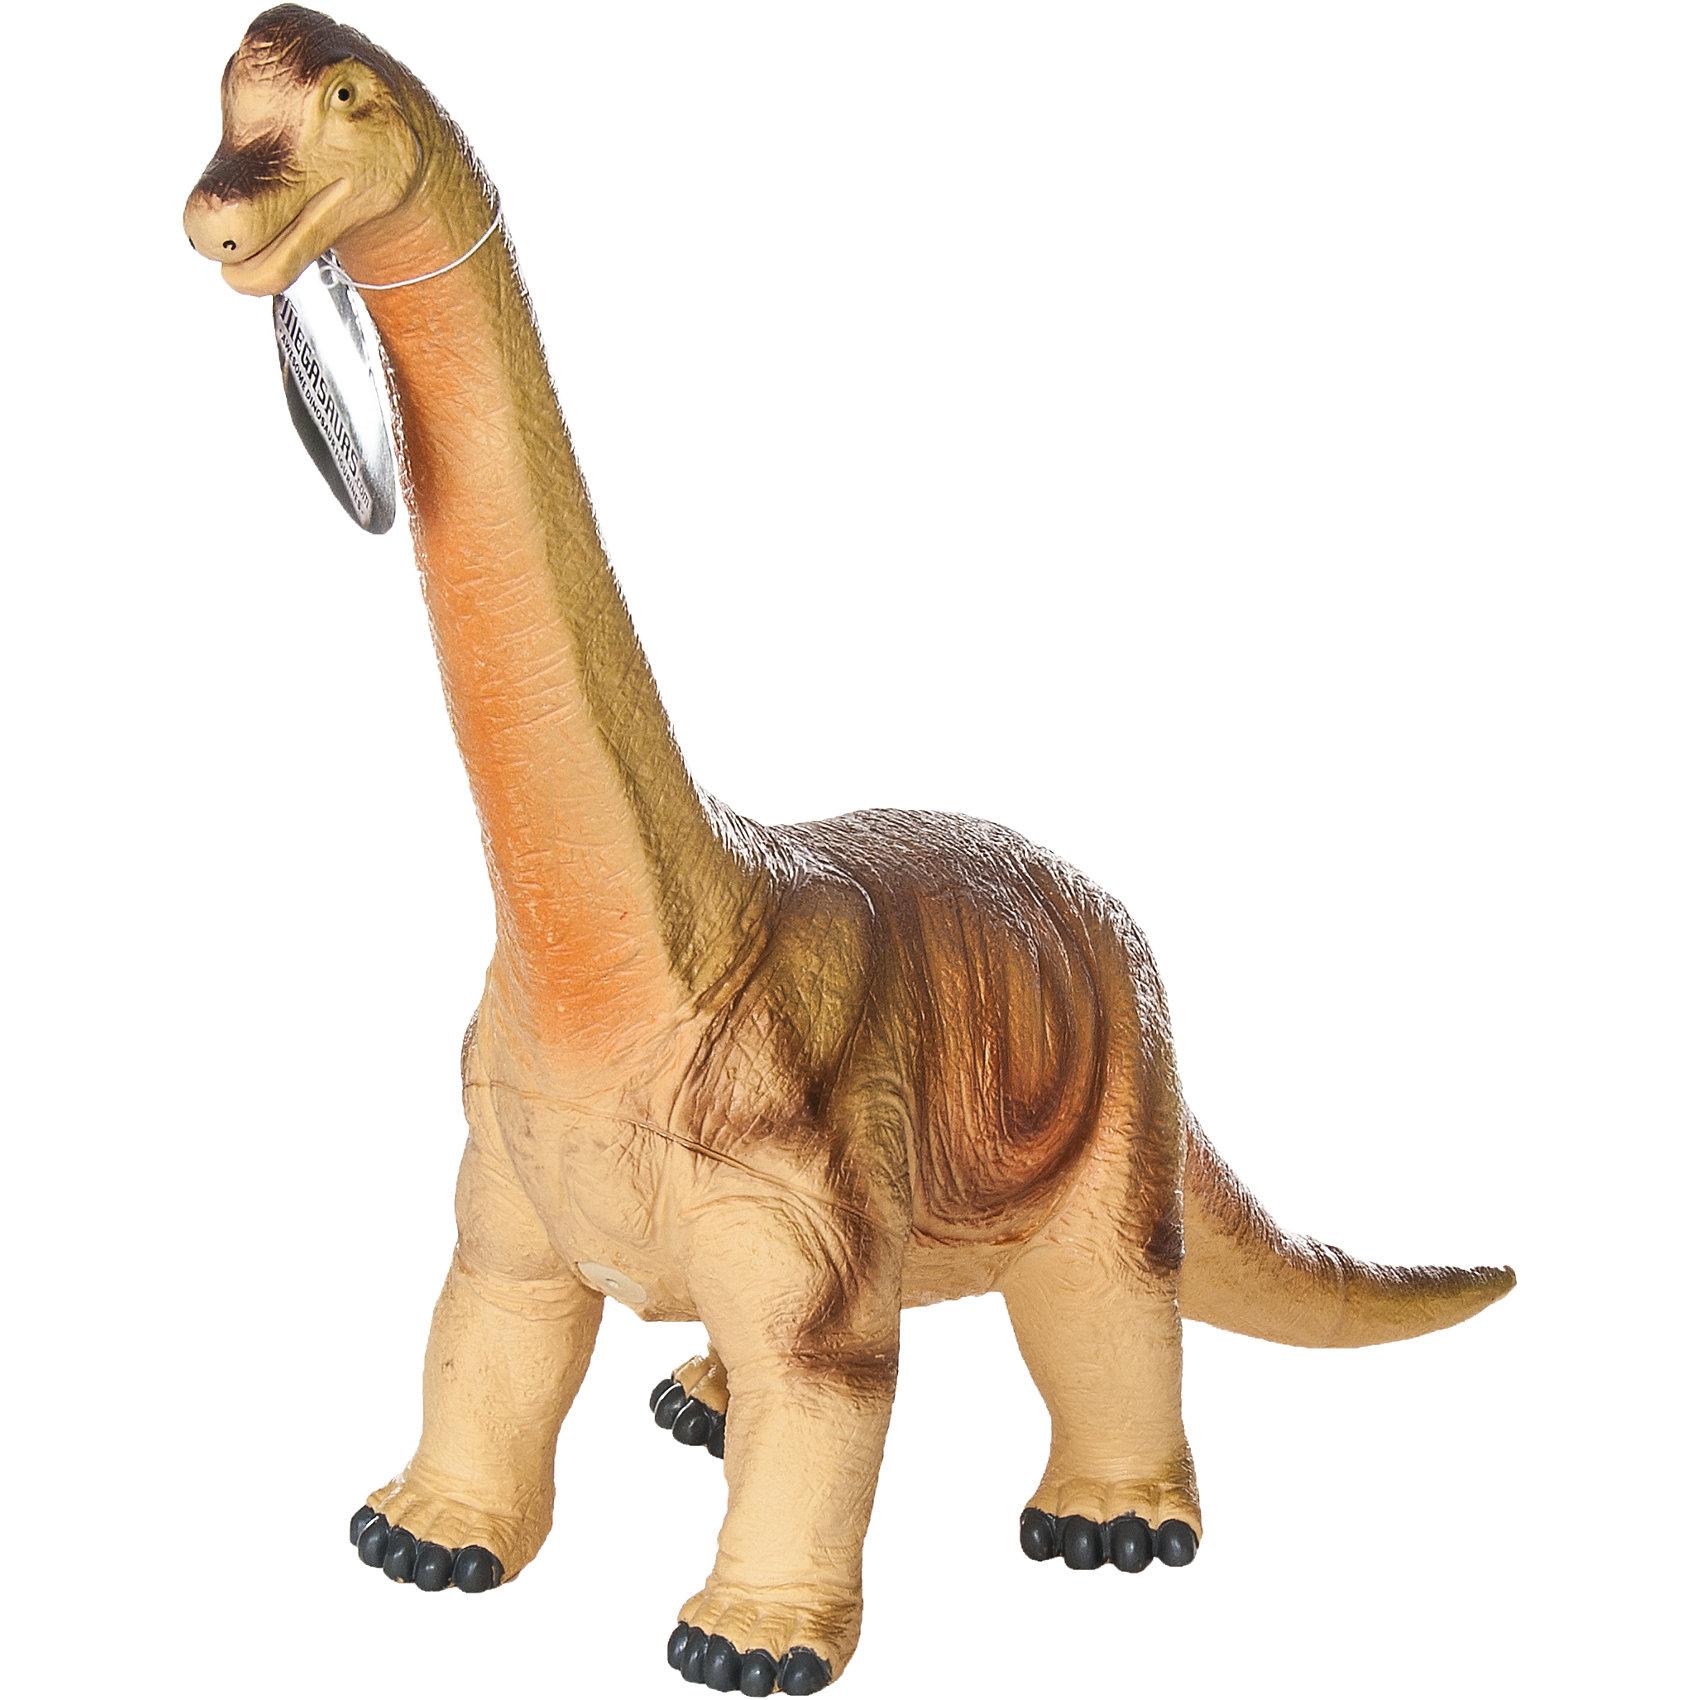 Фигурка динозавра Брахиозавр, HGLДинозавры и драконы<br>Детей всех возрастов привлекают фильмы и рассказы о доисторических временах и чудесных динозаврах, населявших Землю до возникновения человека. Подстегните фантазию юного любителя древностей - подарите ему динозавра из серии игрушек HGL. Специалисты компании создавали игрушки максимально похожими на своих прародителей, поэтому динозавры HGL такие интересные. Брахиозавр - фигурка огромного доисторического ящера, чем-то напоминающего современного жирафа. Он достигал 23 метров в длину и 12 метров в высоту. Такому гиганту требовалось 1500 кг еды в день! Благодаря огромной шее Брахиозавр мог доставать листья даже с очень высоких деревьев. Брахиозавр был одним из самых больших динозавров, населявших Землю более 140 миллионов лет тому назад. Ни одна история об эре динозавров невозможна без этого необычного динозавра. Ребенок будет в восторге от такого замечательного подарка. Массивный динозавр сделан из мягкого ПВХ безопасного для ребенка. Внушительные размеры и отличная детализация Брахиозавра помогут ребенку окунуться в далекий и такой манящий доисторический мир, полный приключений.<br><br>Дополнительная информация:<br><br>- Внешний вид фигурки основан на реальных данных палеонтологов;<br>- Материал: ПВХ;<br>- Размер фигурки: 40 см;<br>- Размер упаковки: 45 х 33 х 15 см;<br>- Вес: 750 г<br><br>Фигурку динозавра Брахиозавр, HGL можно купить в нашем интернет-магазине.<br><br>Ширина мм: 450<br>Глубина мм: 330<br>Высота мм: 150<br>Вес г: 750<br>Возраст от месяцев: 36<br>Возраст до месяцев: 192<br>Пол: Унисекс<br>Возраст: Детский<br>SKU: 4135946